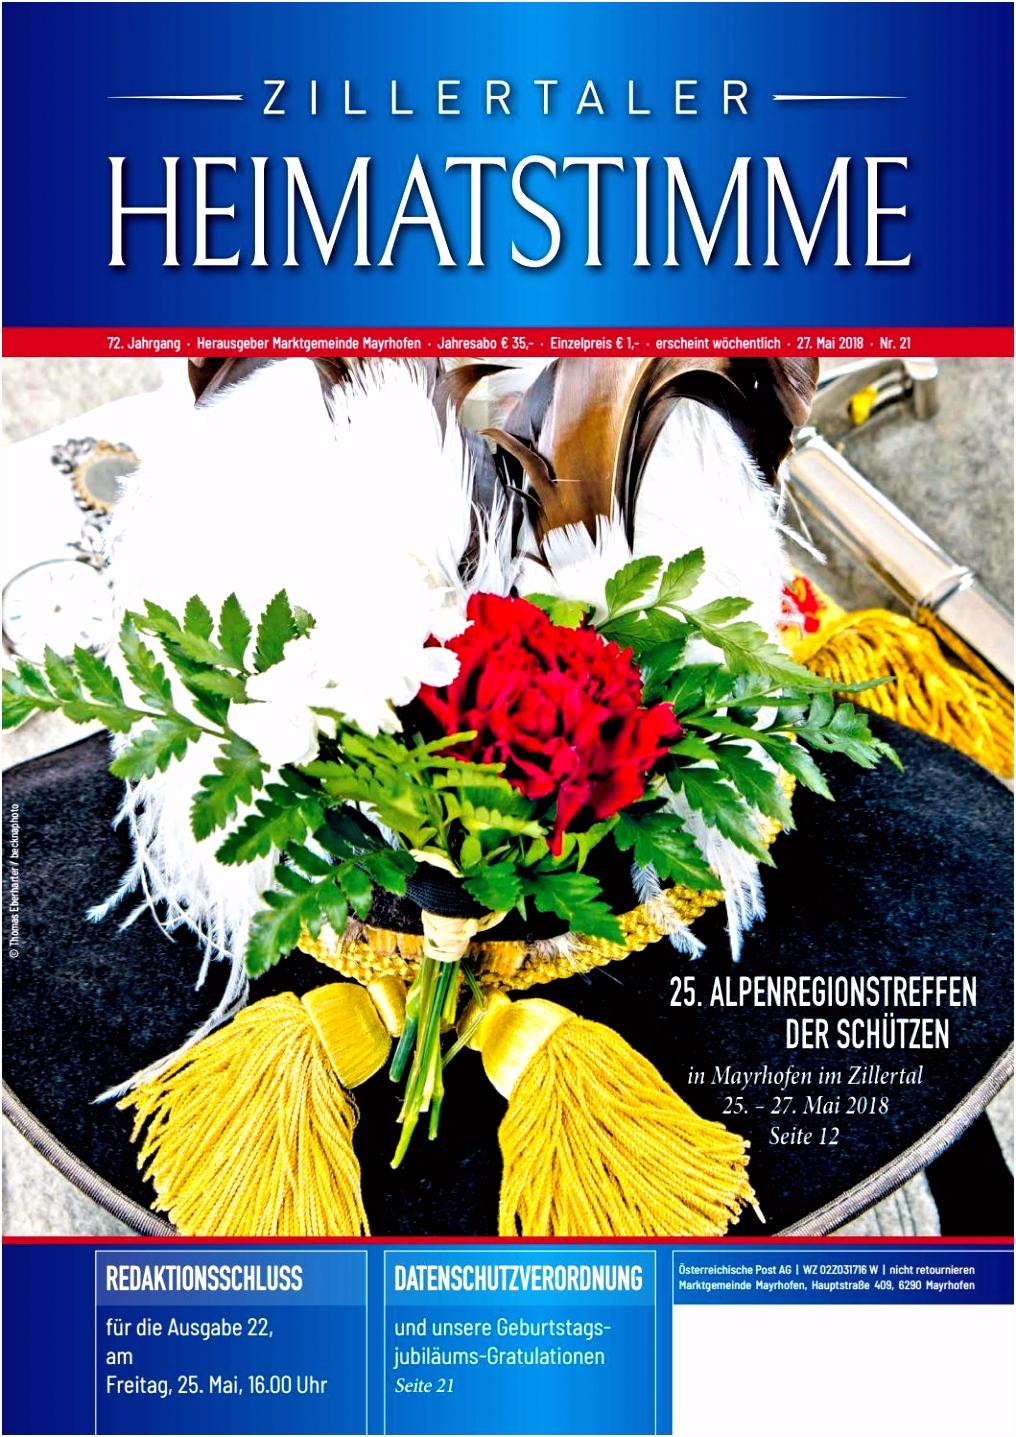 Zillertaler Heimatstimme Ausgabe 21 2018 by Zillertaler